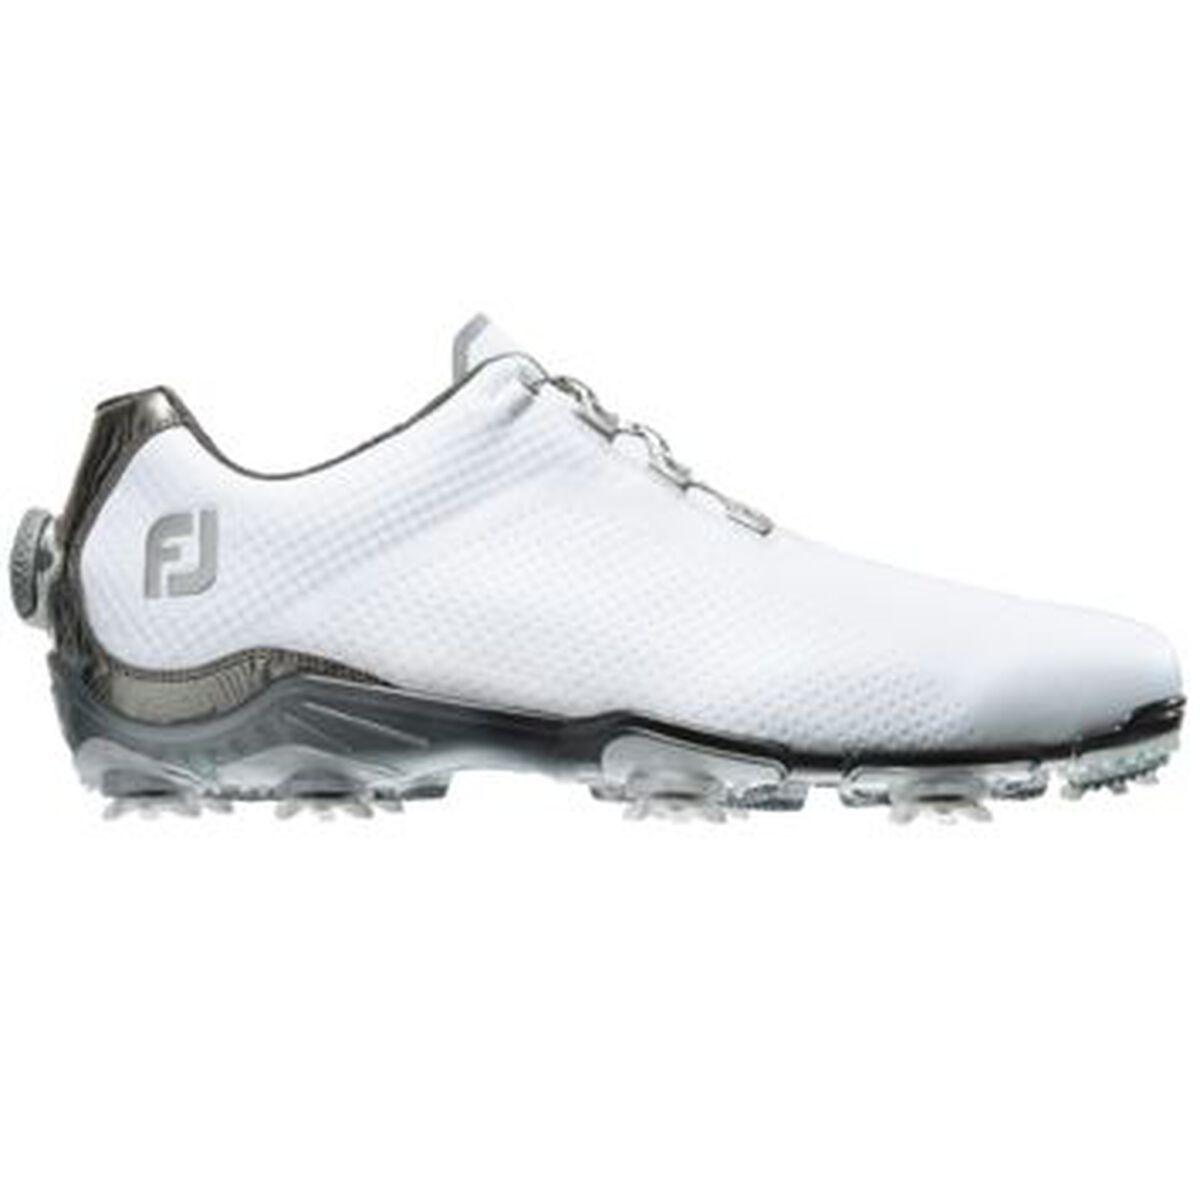 Images. FootJoy D.N.A. BOA Men  39 s Golf Shoe - White Grey 65c5321d7d4